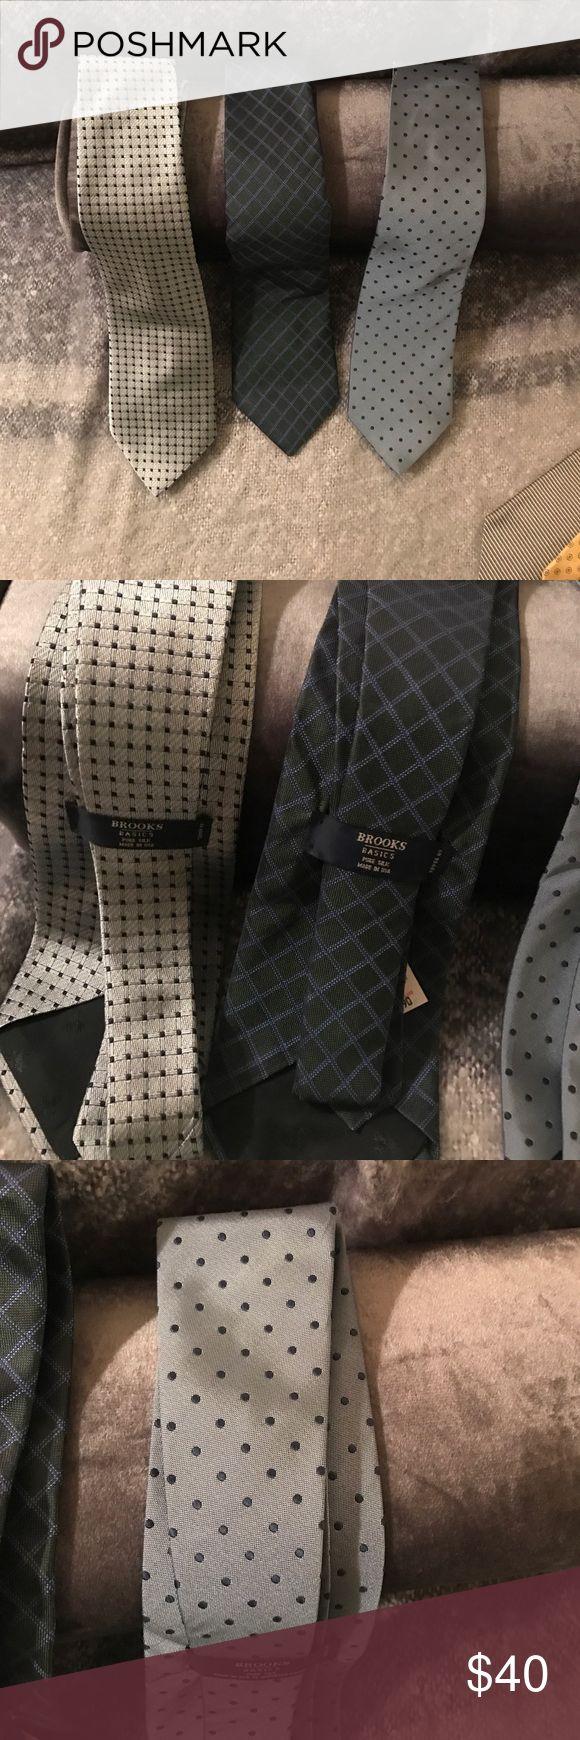 3 Brooks brothers basic ties 3 silk brooks brothers ties Brooks Brothers Accessories Ties